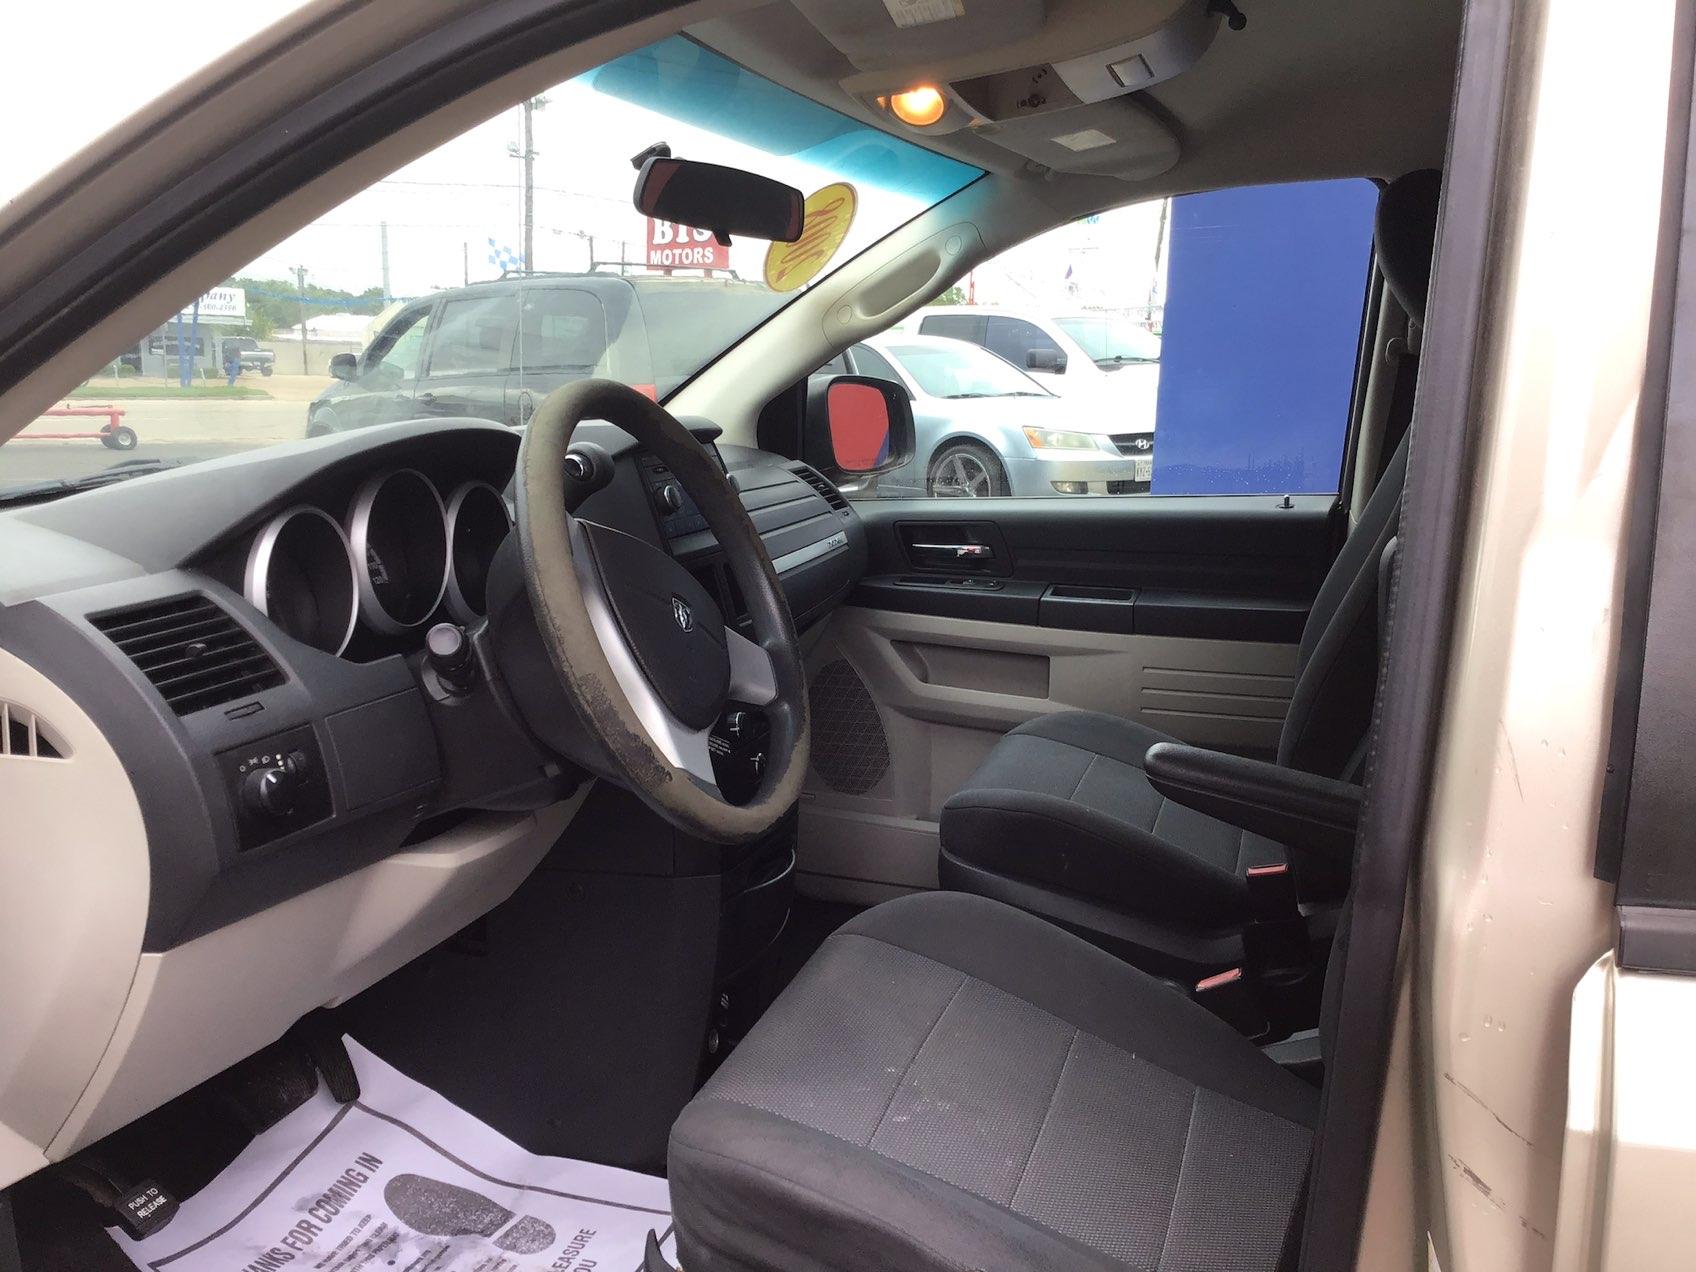 used vehicle - 4 DOOR VAN; EXTENDED DODGE GRAND CARAVAN 2008